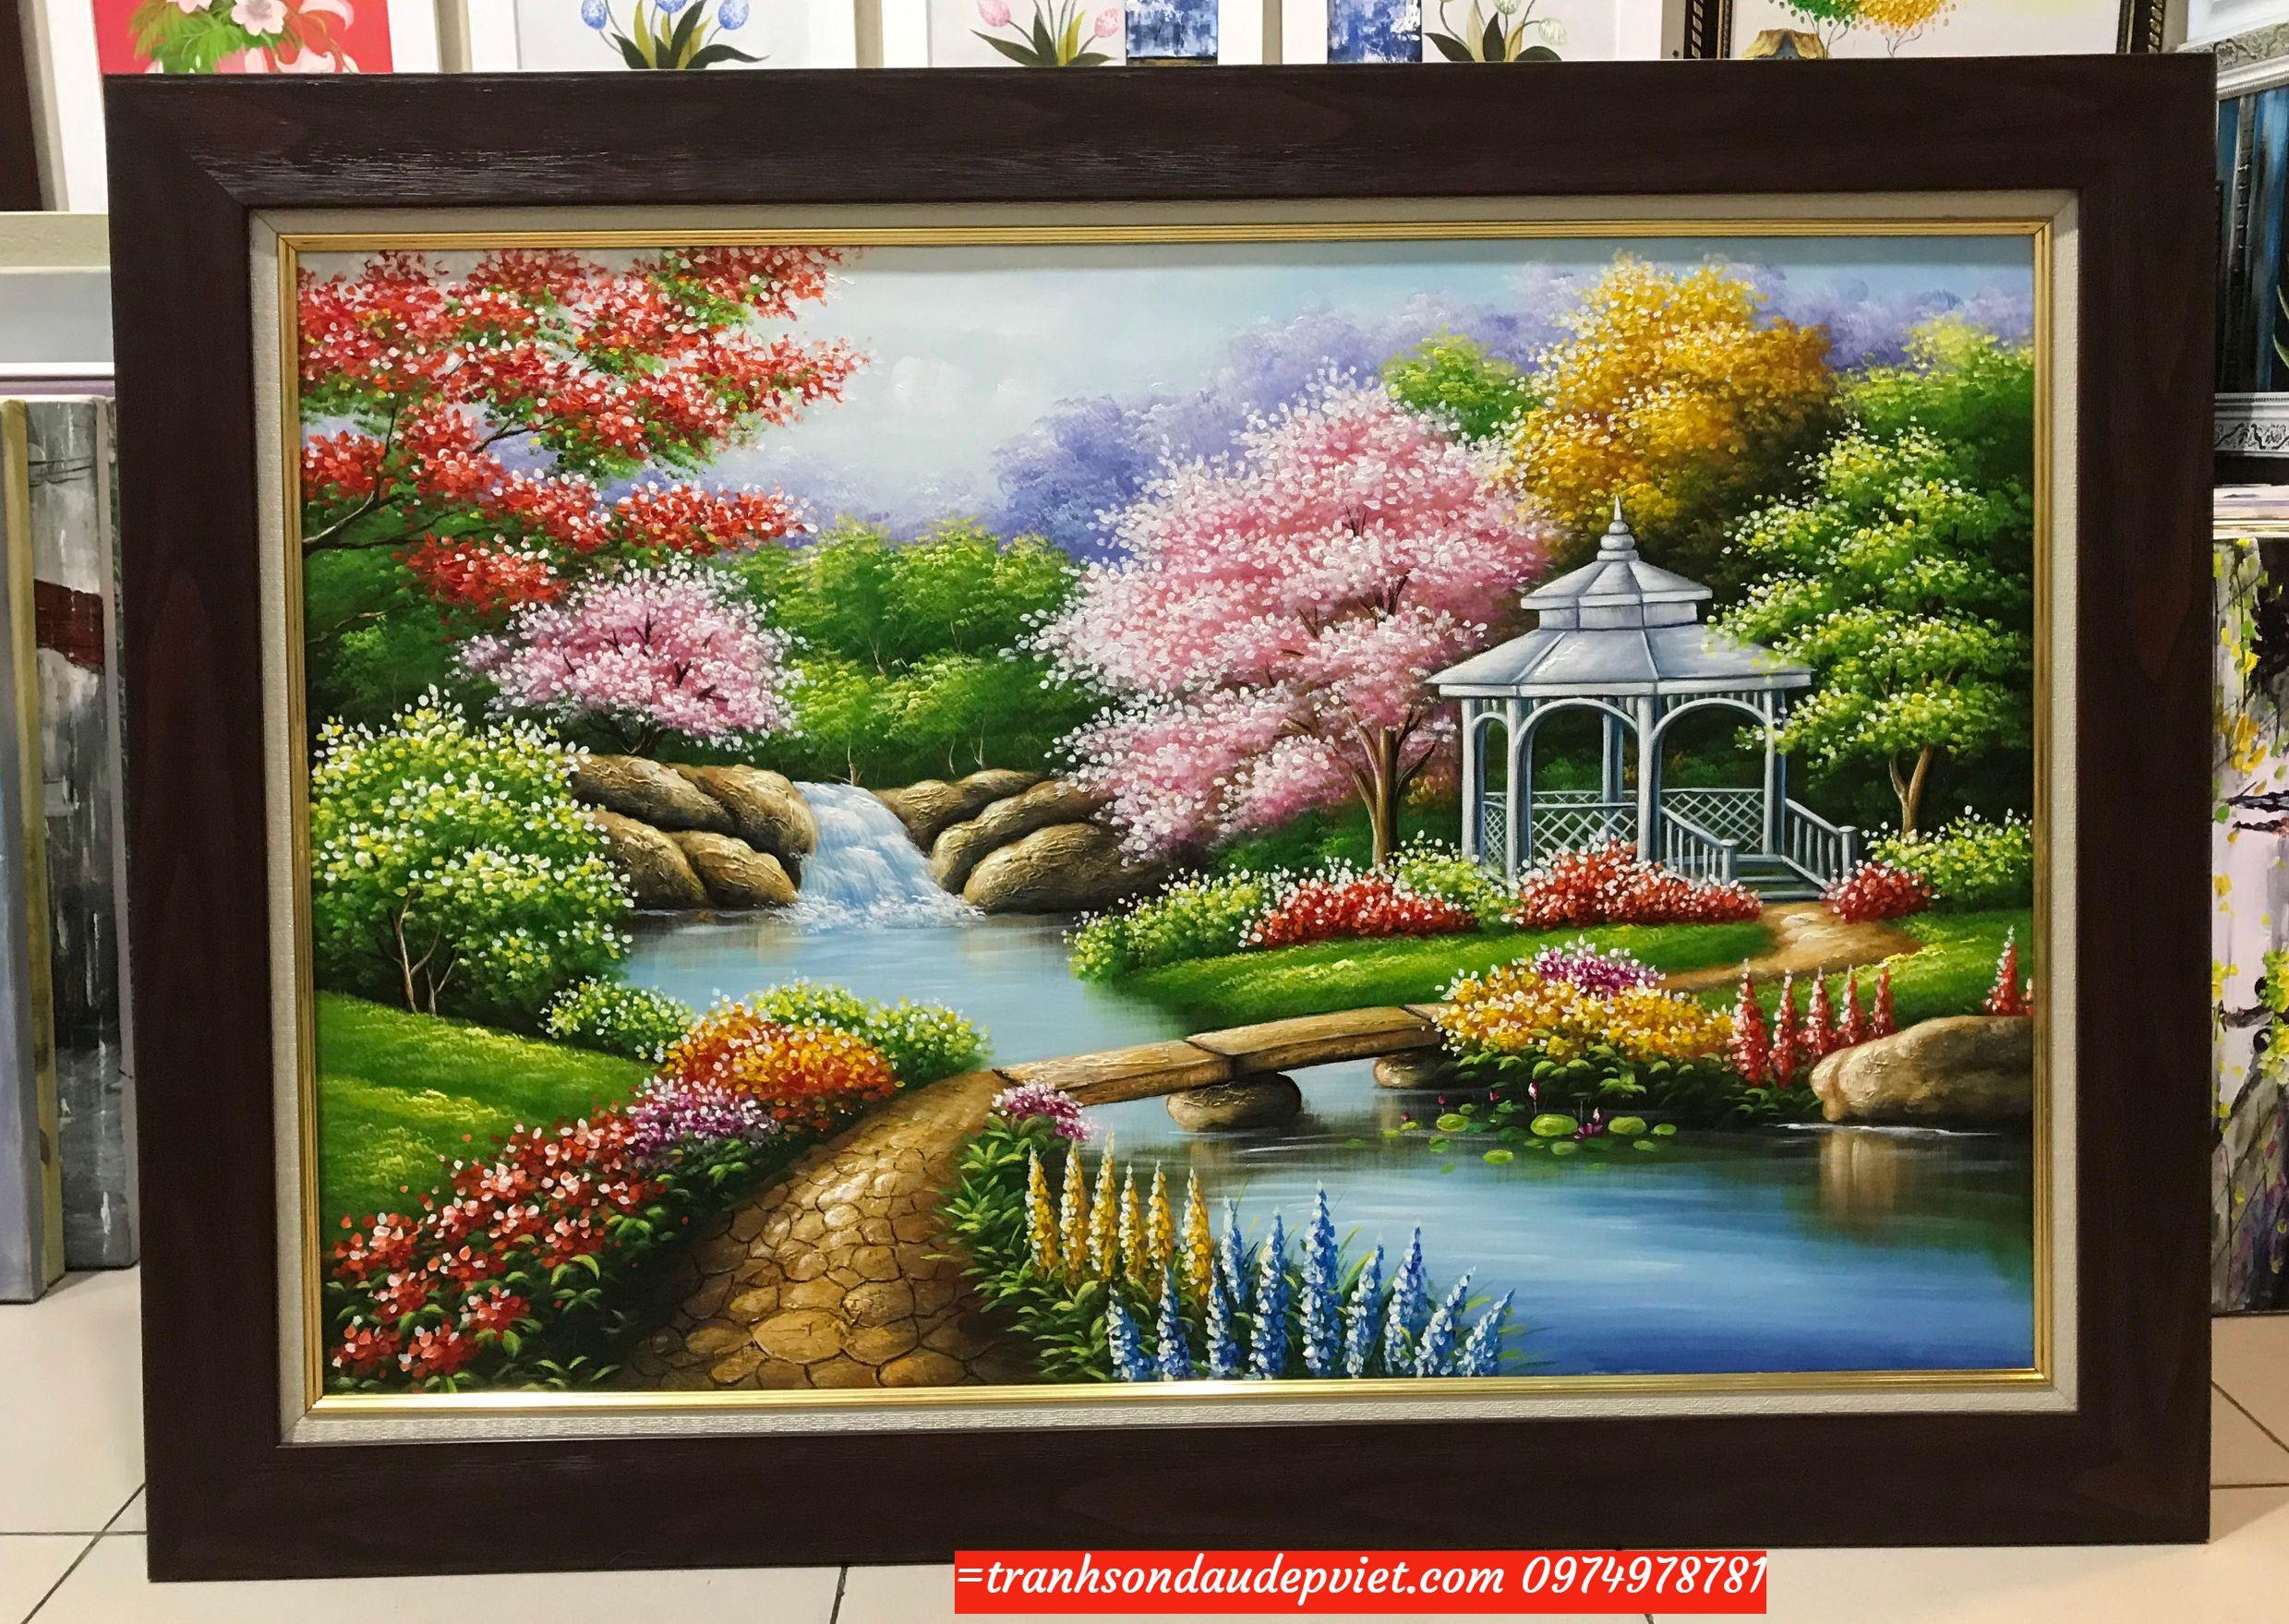 Tranh sơn dâu phong cảnh nước ngoài ý nghĩa SB086